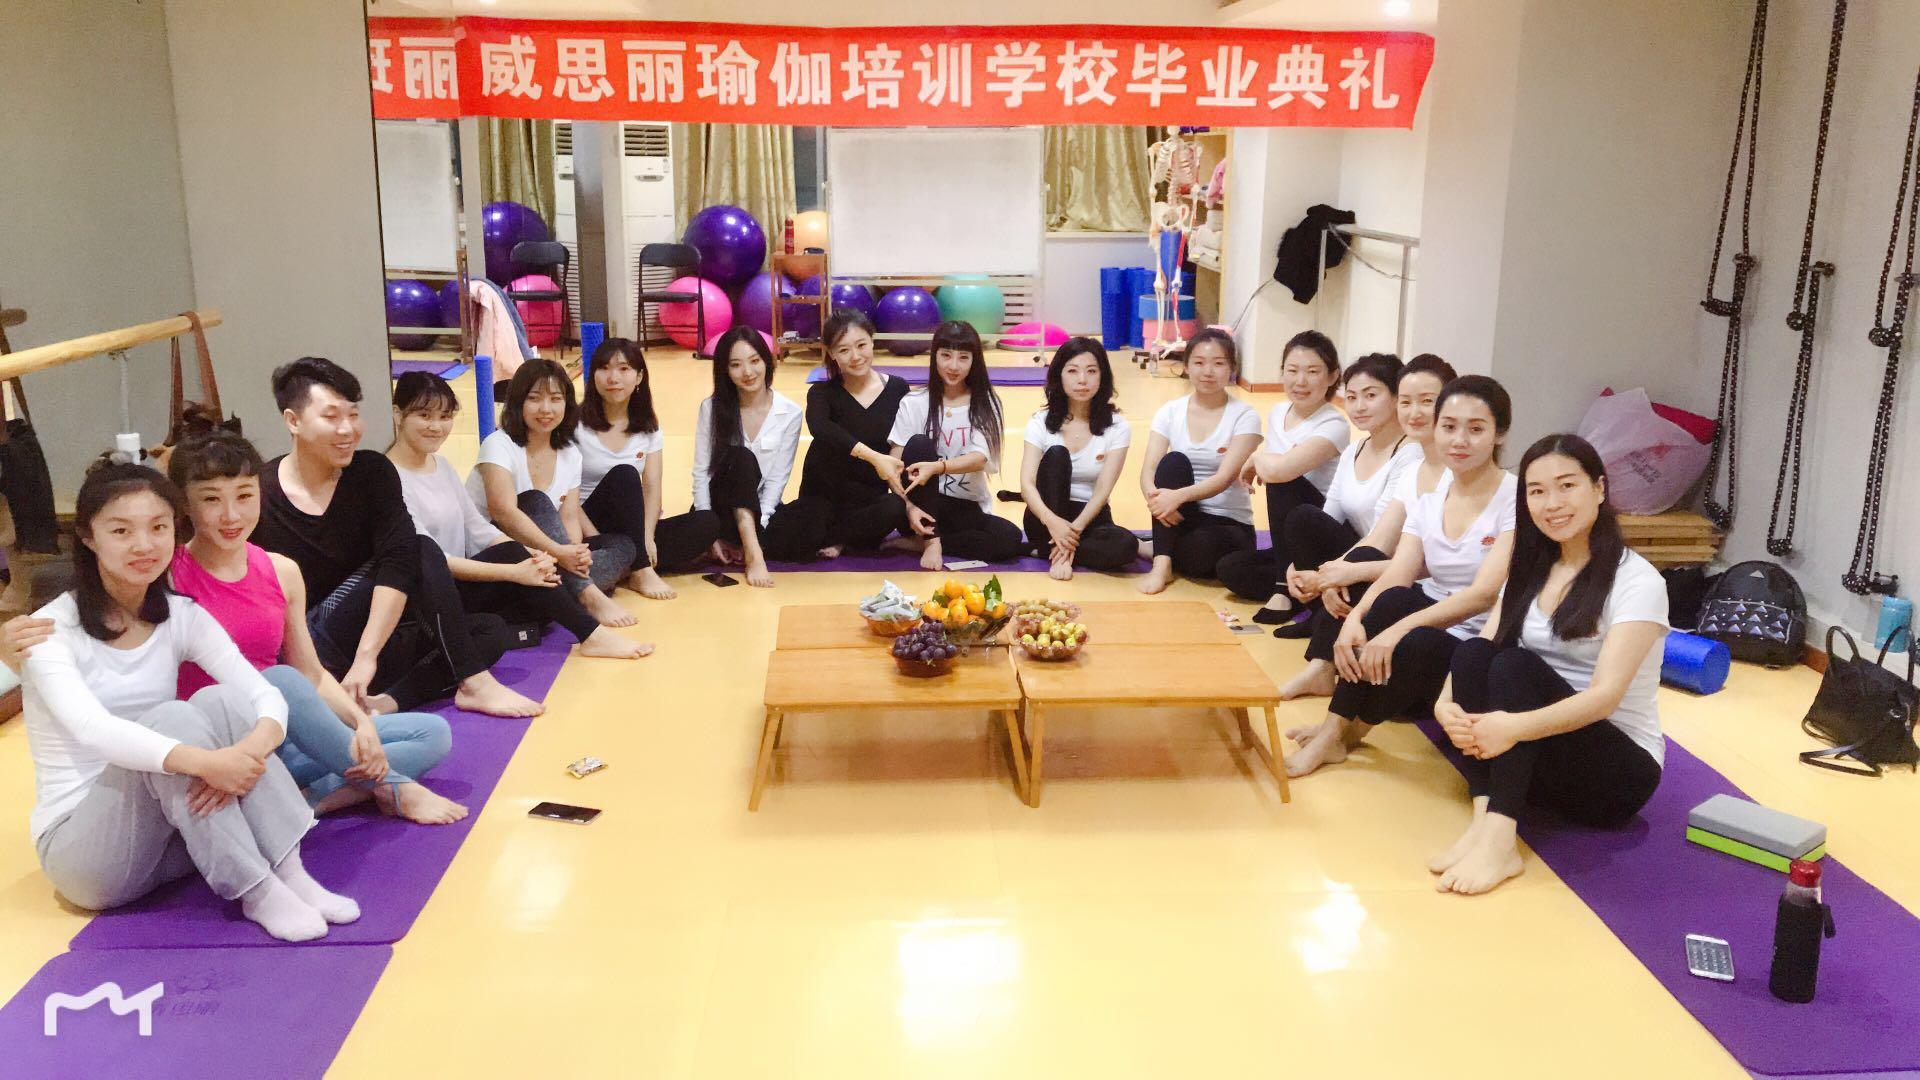 沈阳威思丽瑜伽普拉提瑜伽教练班招生